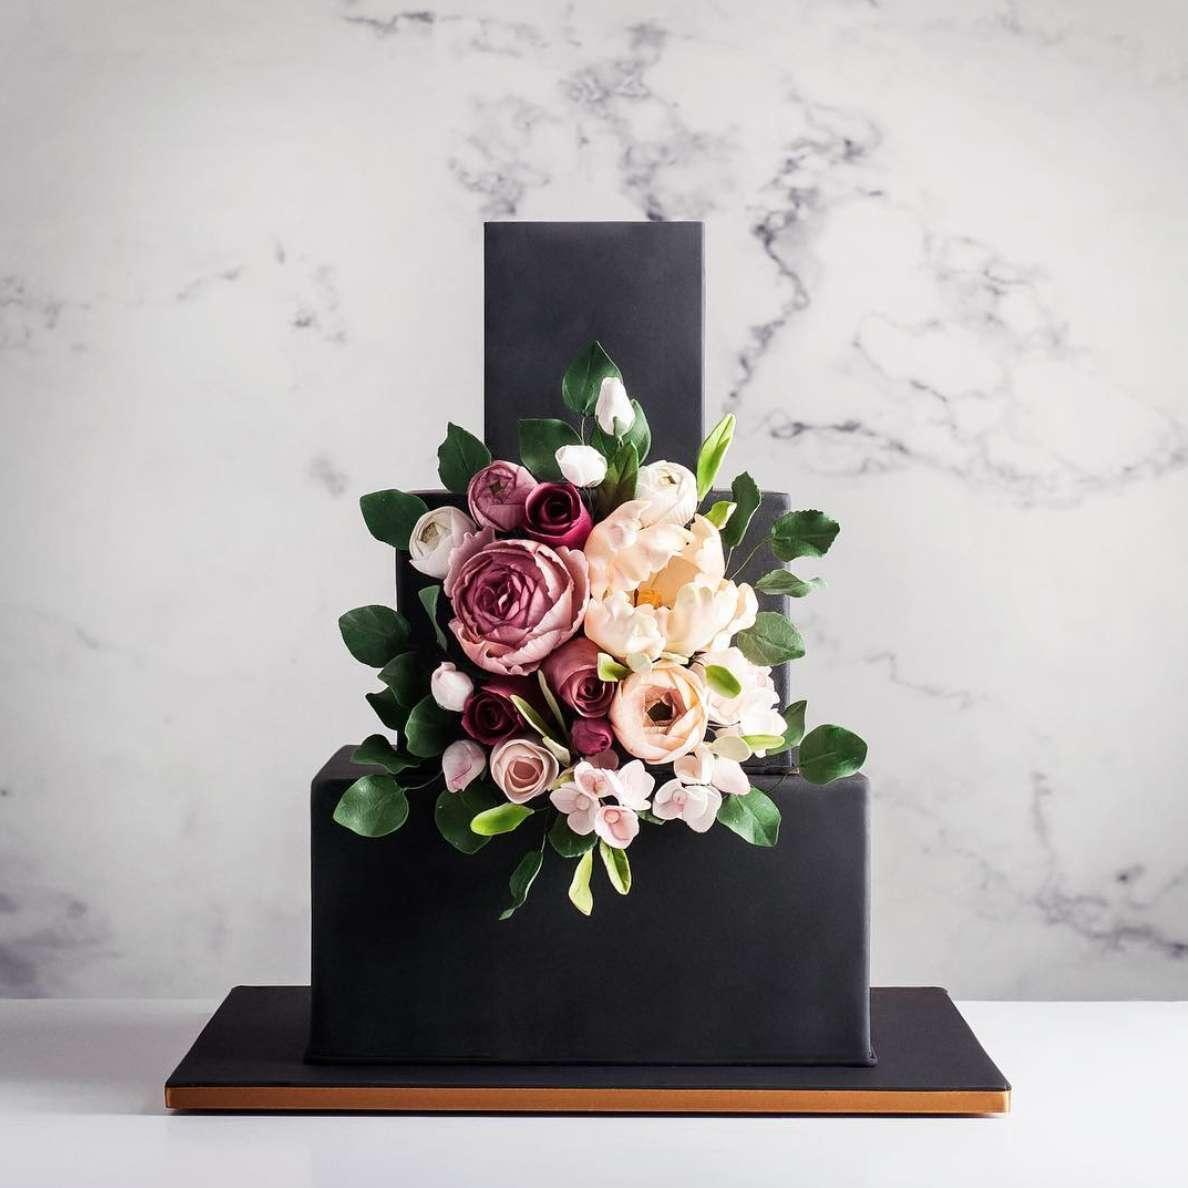 Canlı Çiçeklerle Süslenmiş Kare Katlı Pasta